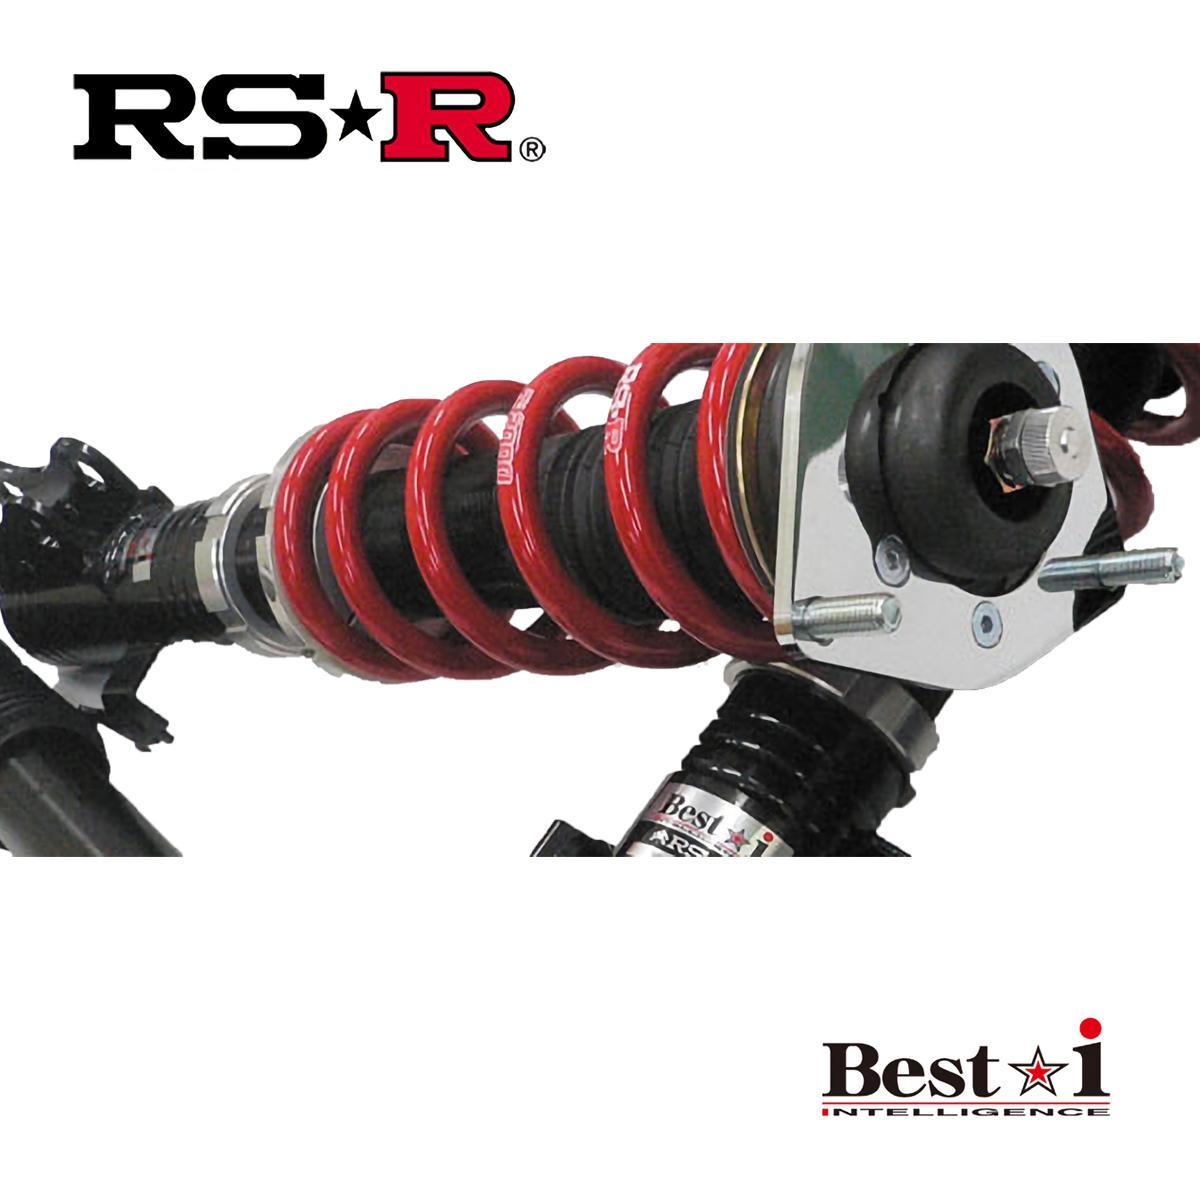 RS-R ノア ハイブリッドSi ZWR80W 車高調 リア車高調整:ネジ式 BIT930M ベストi RSR 条件付き送料無料